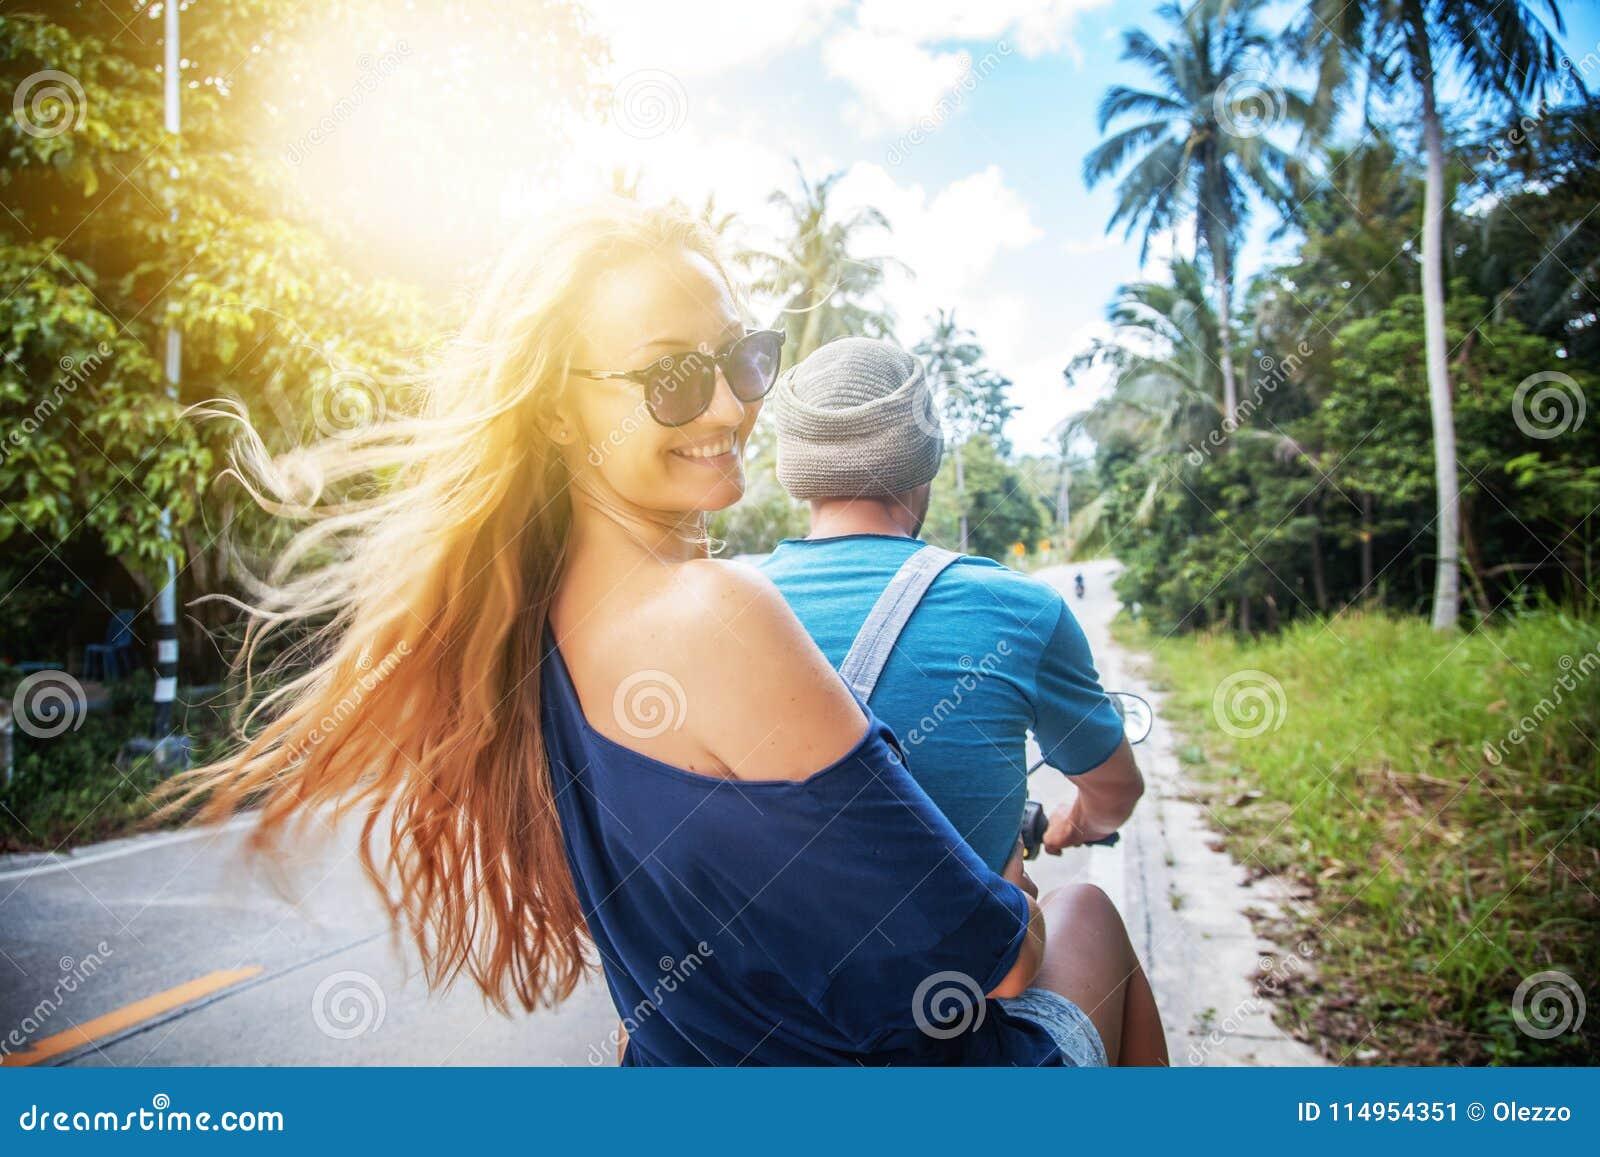 Junges schönes Paar reitet den Dschungel auf einen Roller, Reise, Franc